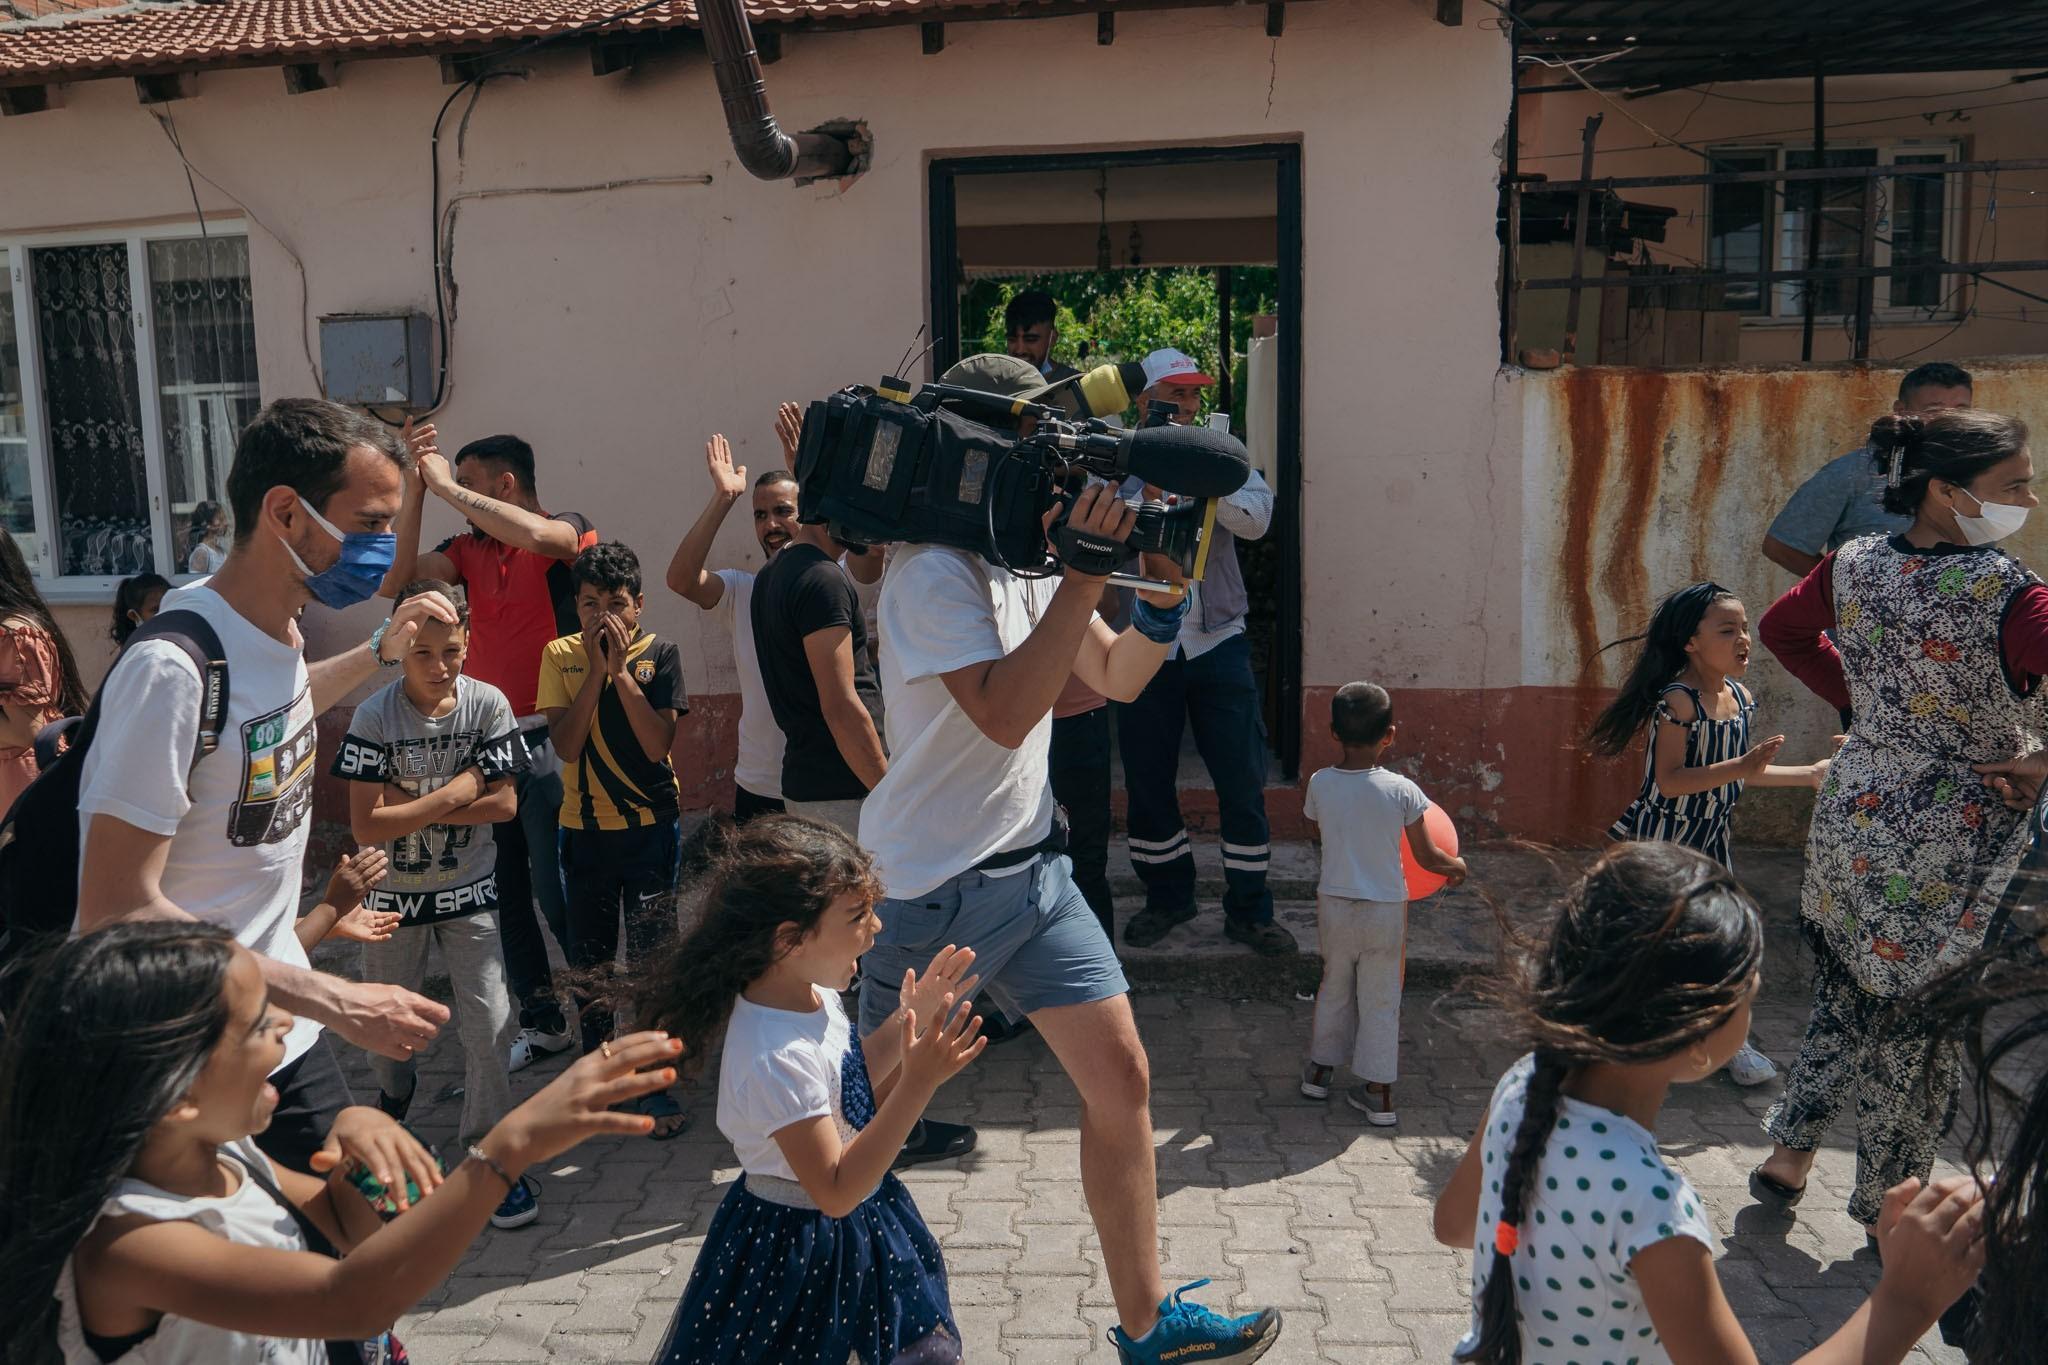 scene in spatele camerelor la filmarile pentru asia express sezonul 4